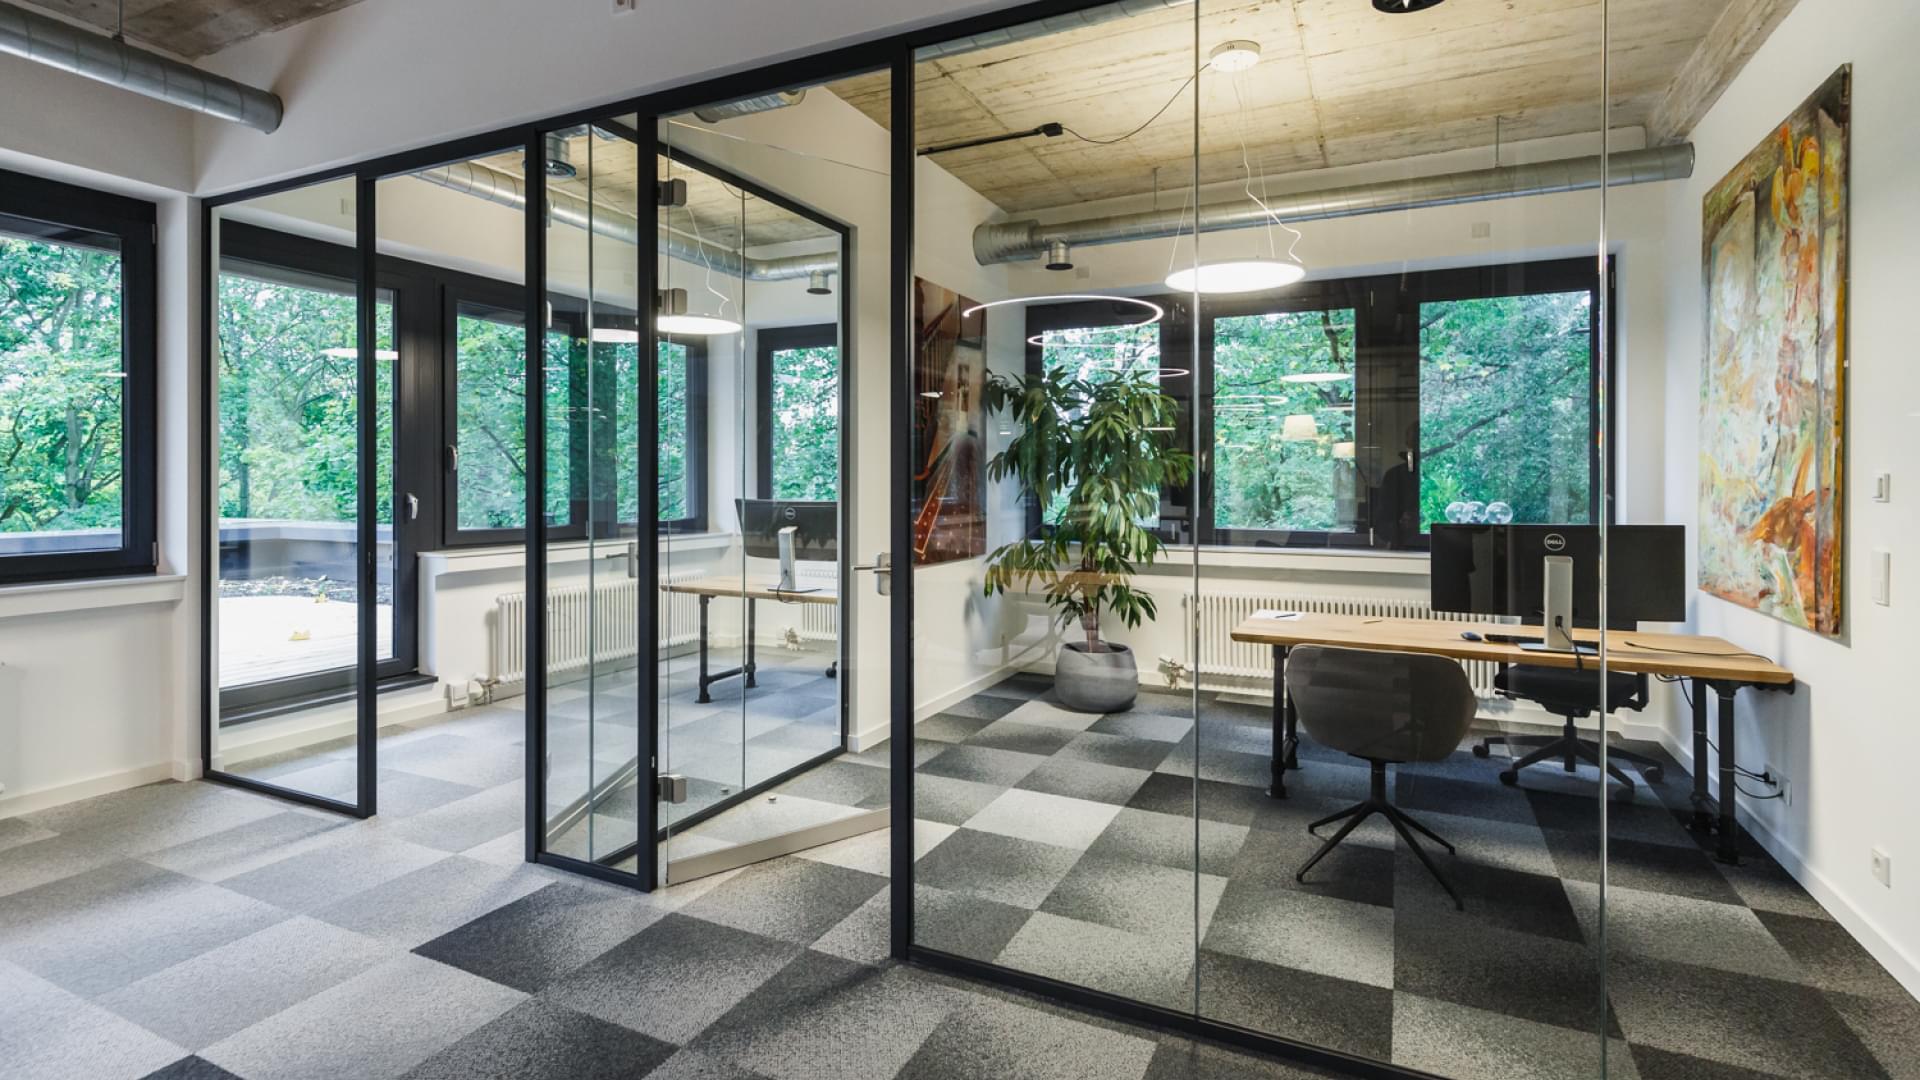 Büro Glück Auf Immobilien GmbH - Bild 01